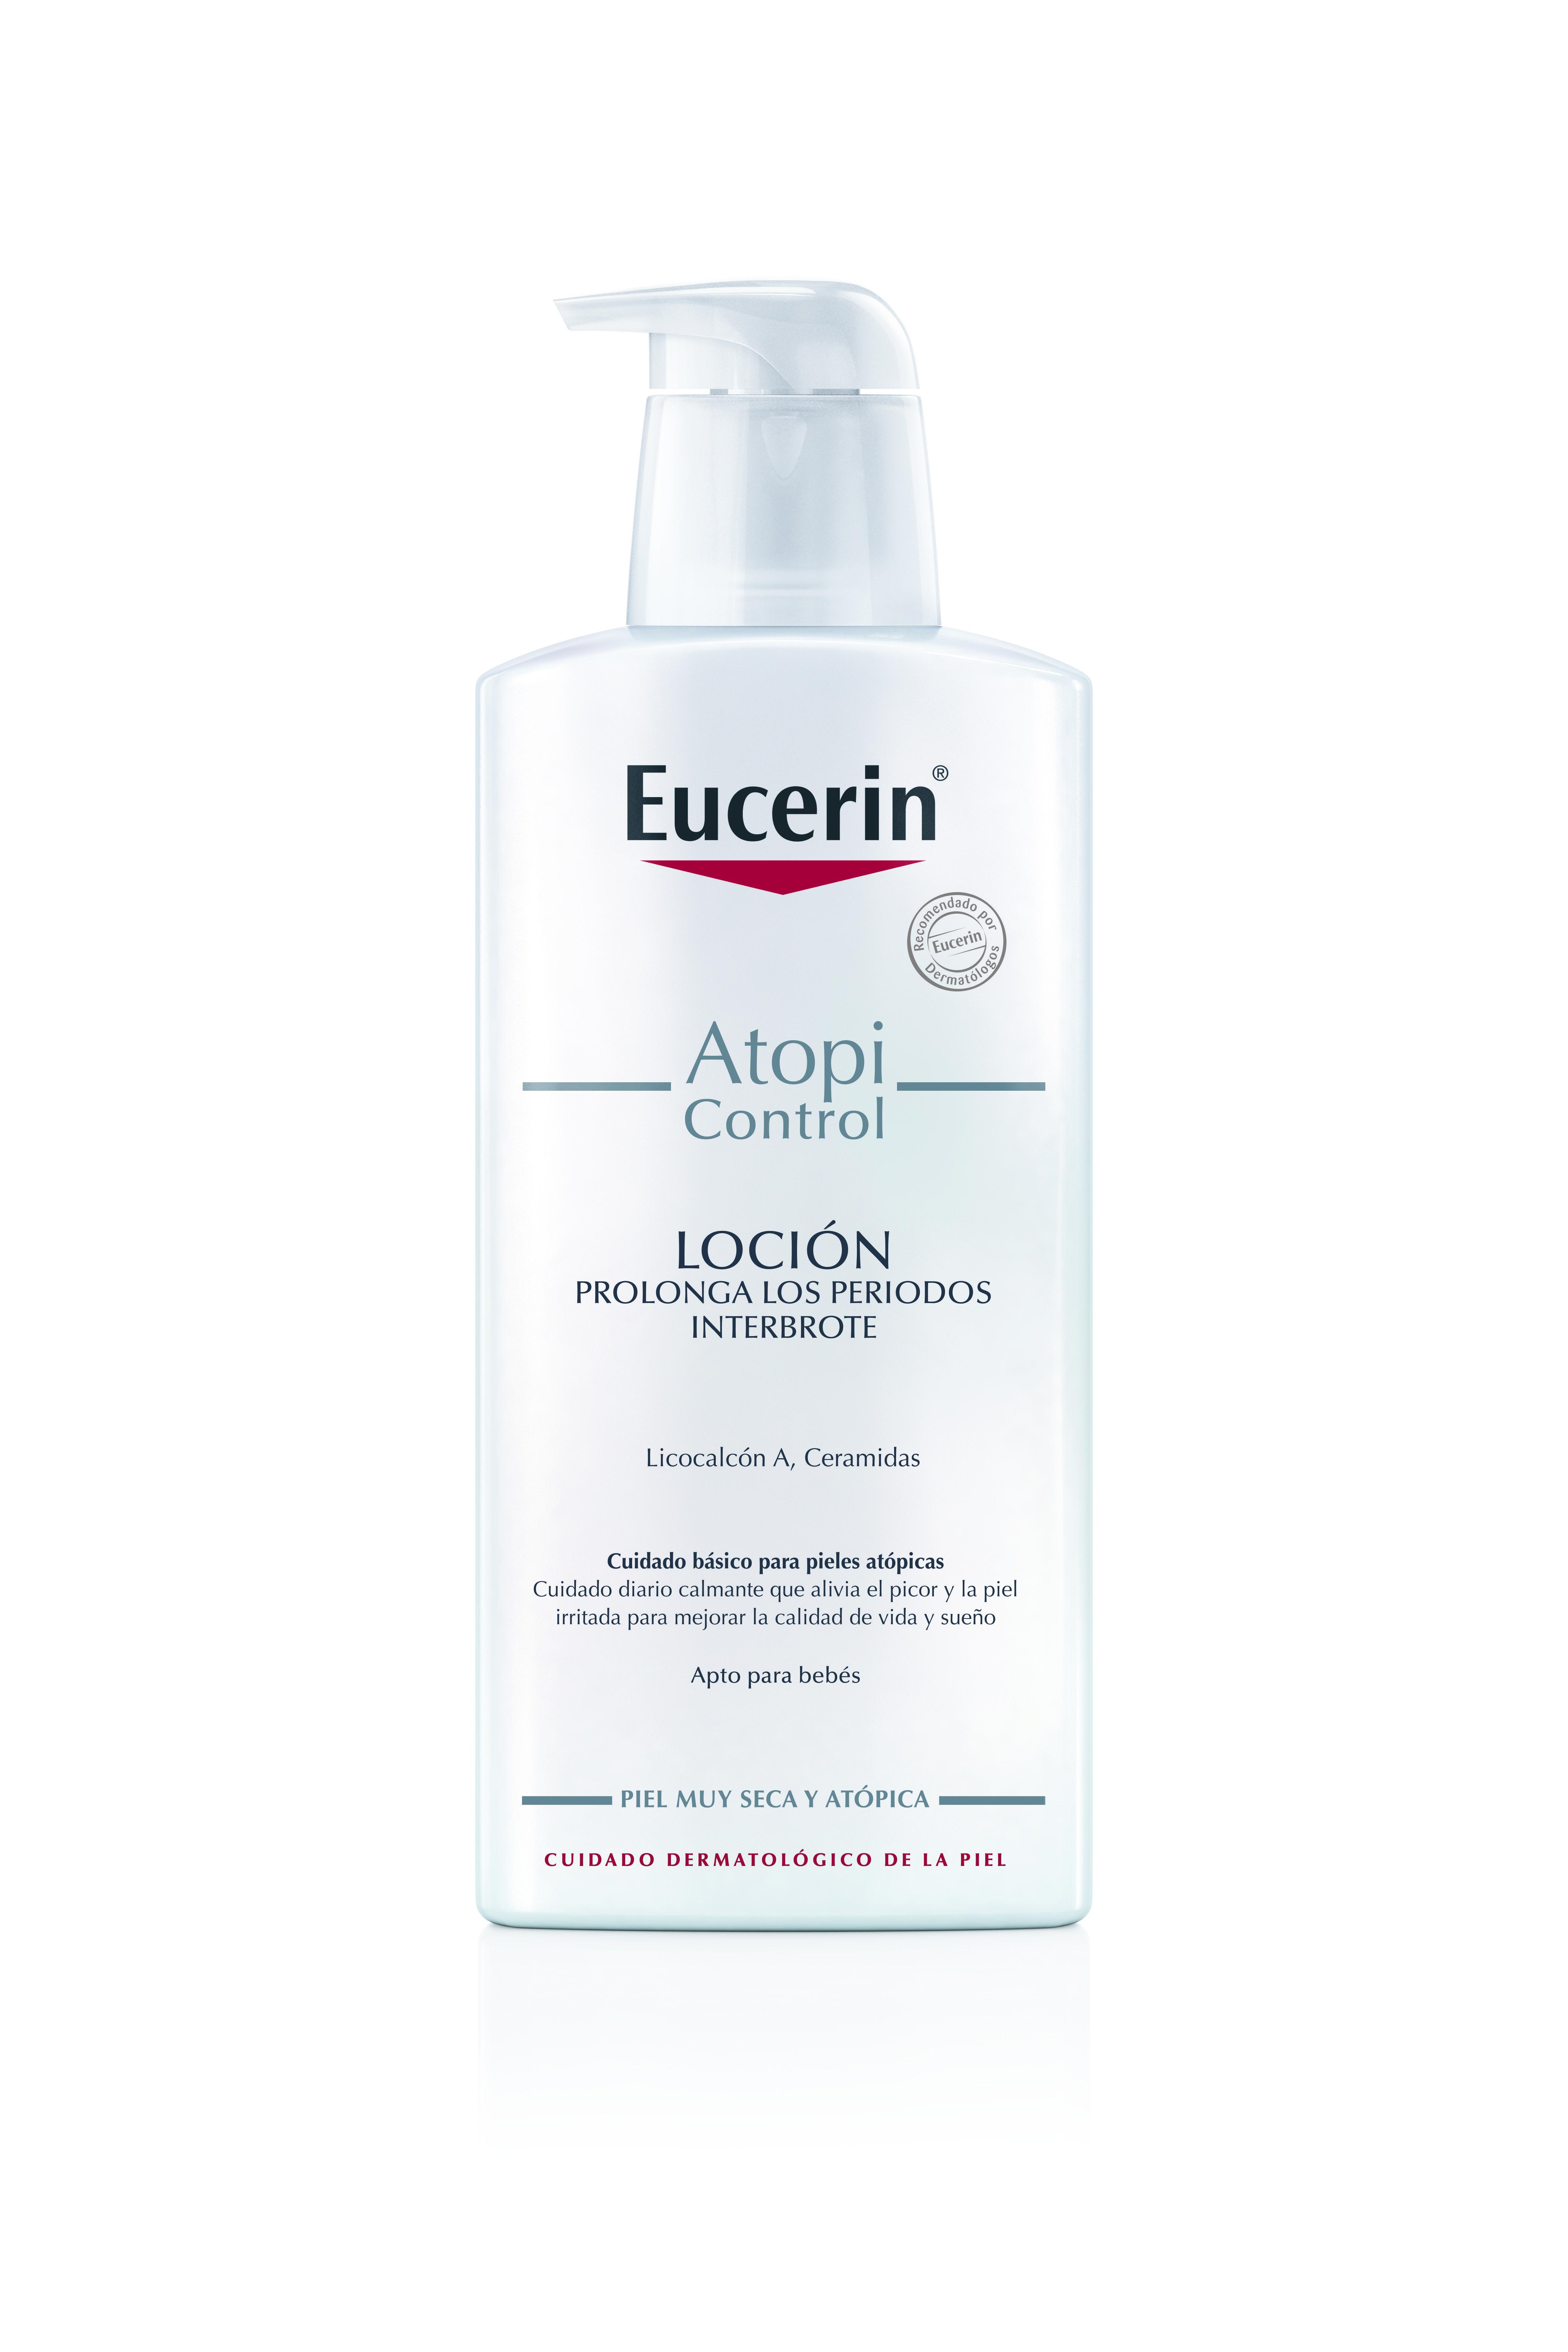 Eucerin AtopiControl Loción Hidratante tratamiento para la dermatitis atopica